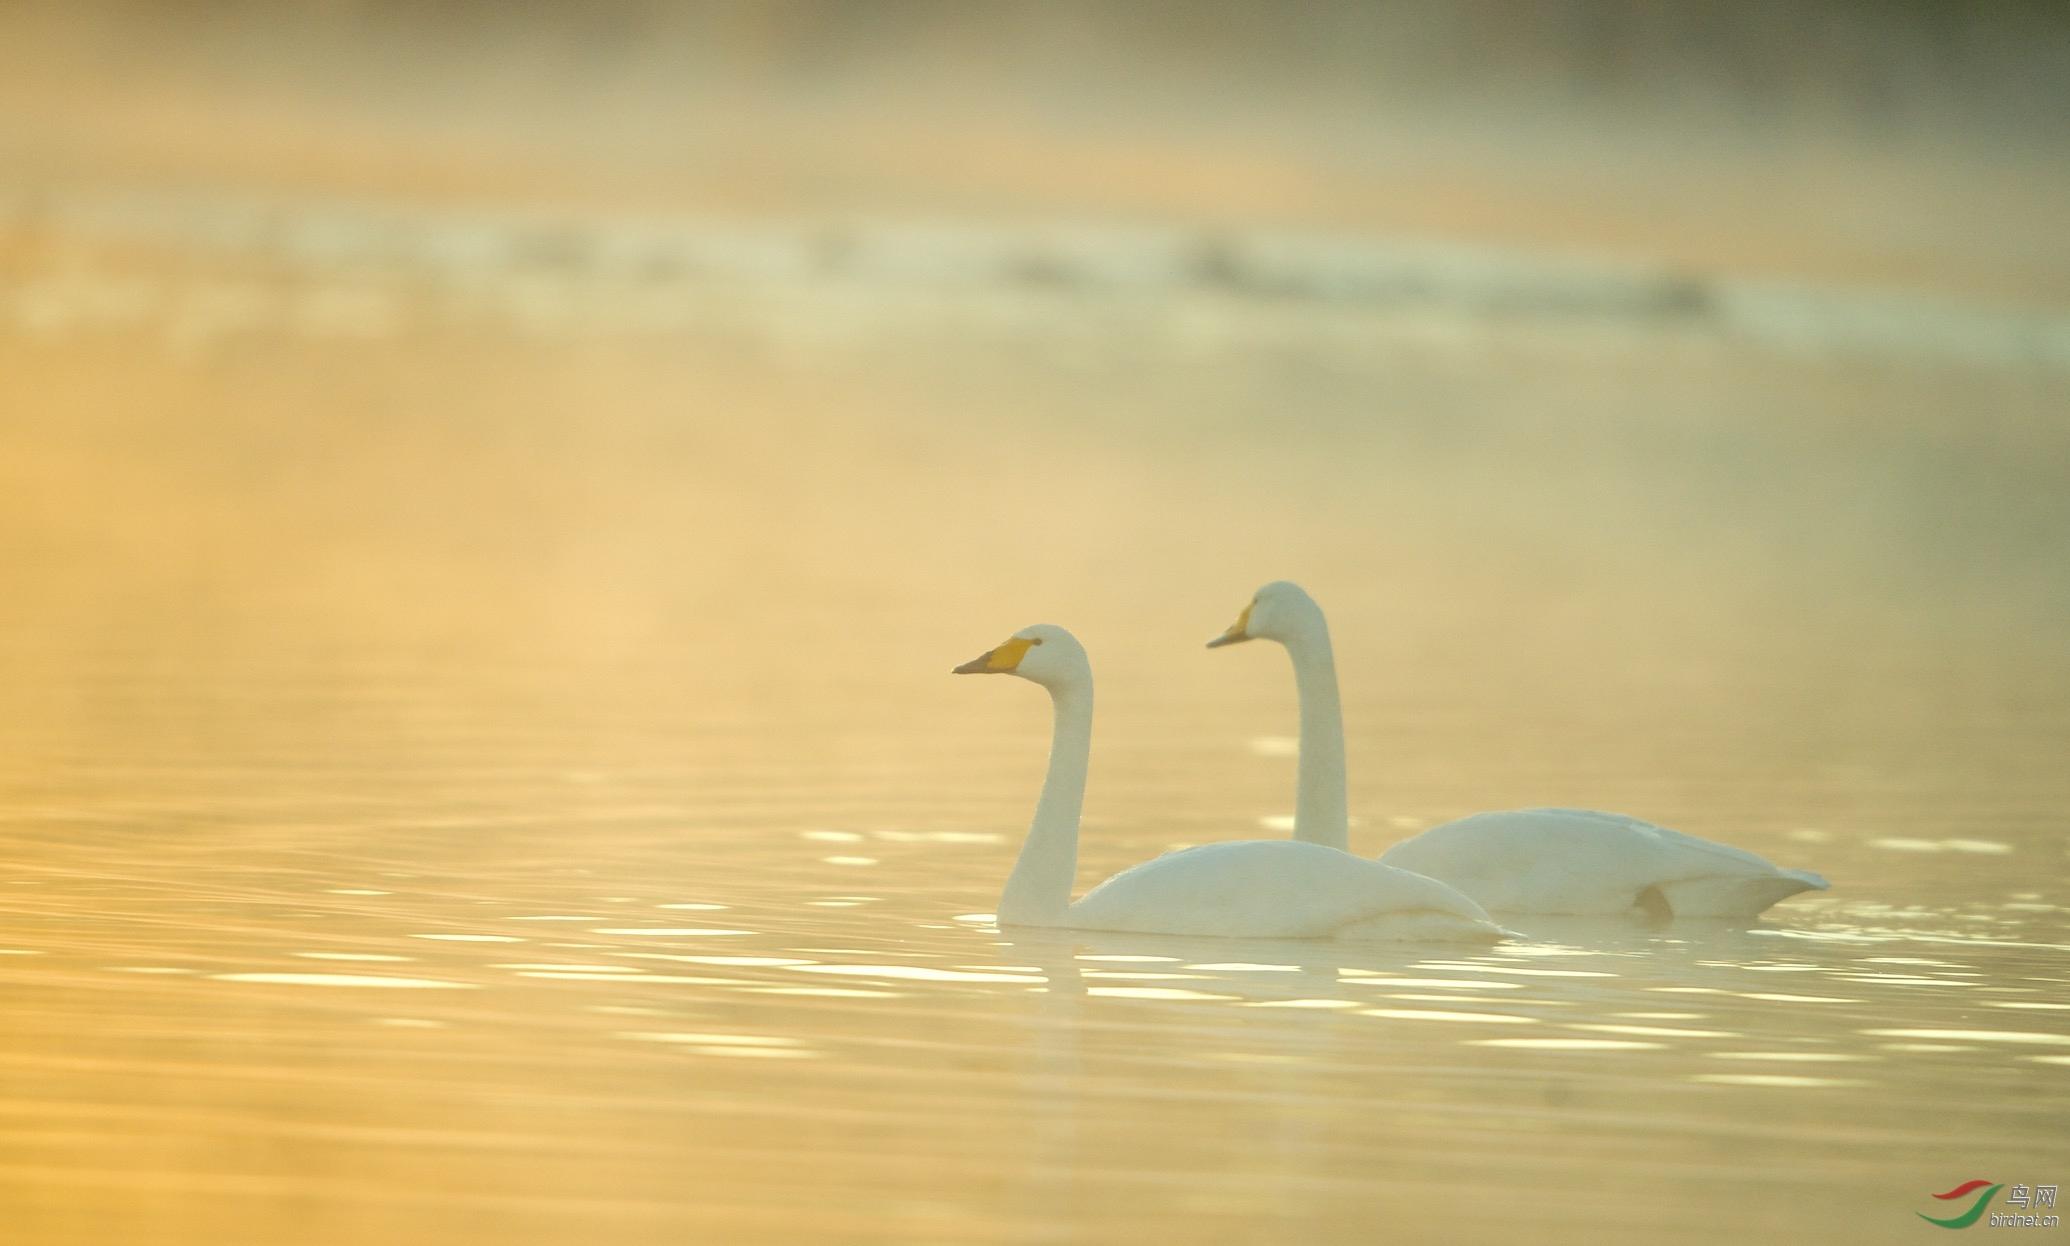 晨光下的天鹅